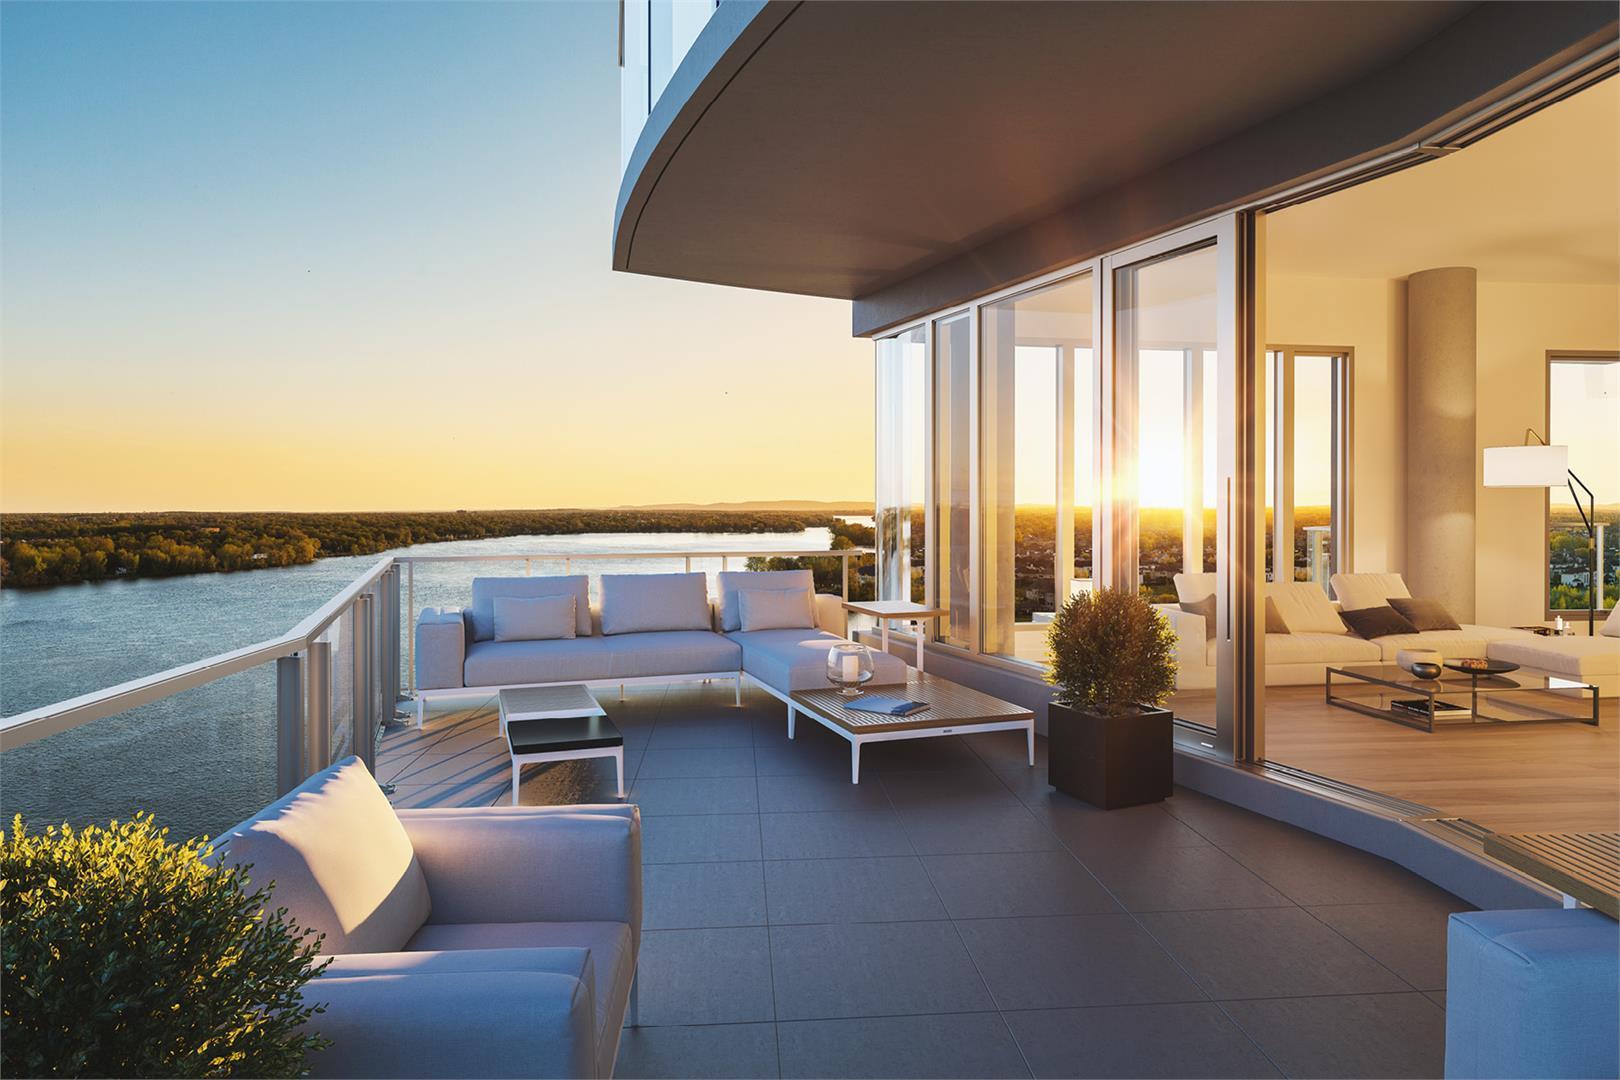 AquaBlu apartments in condos for sale